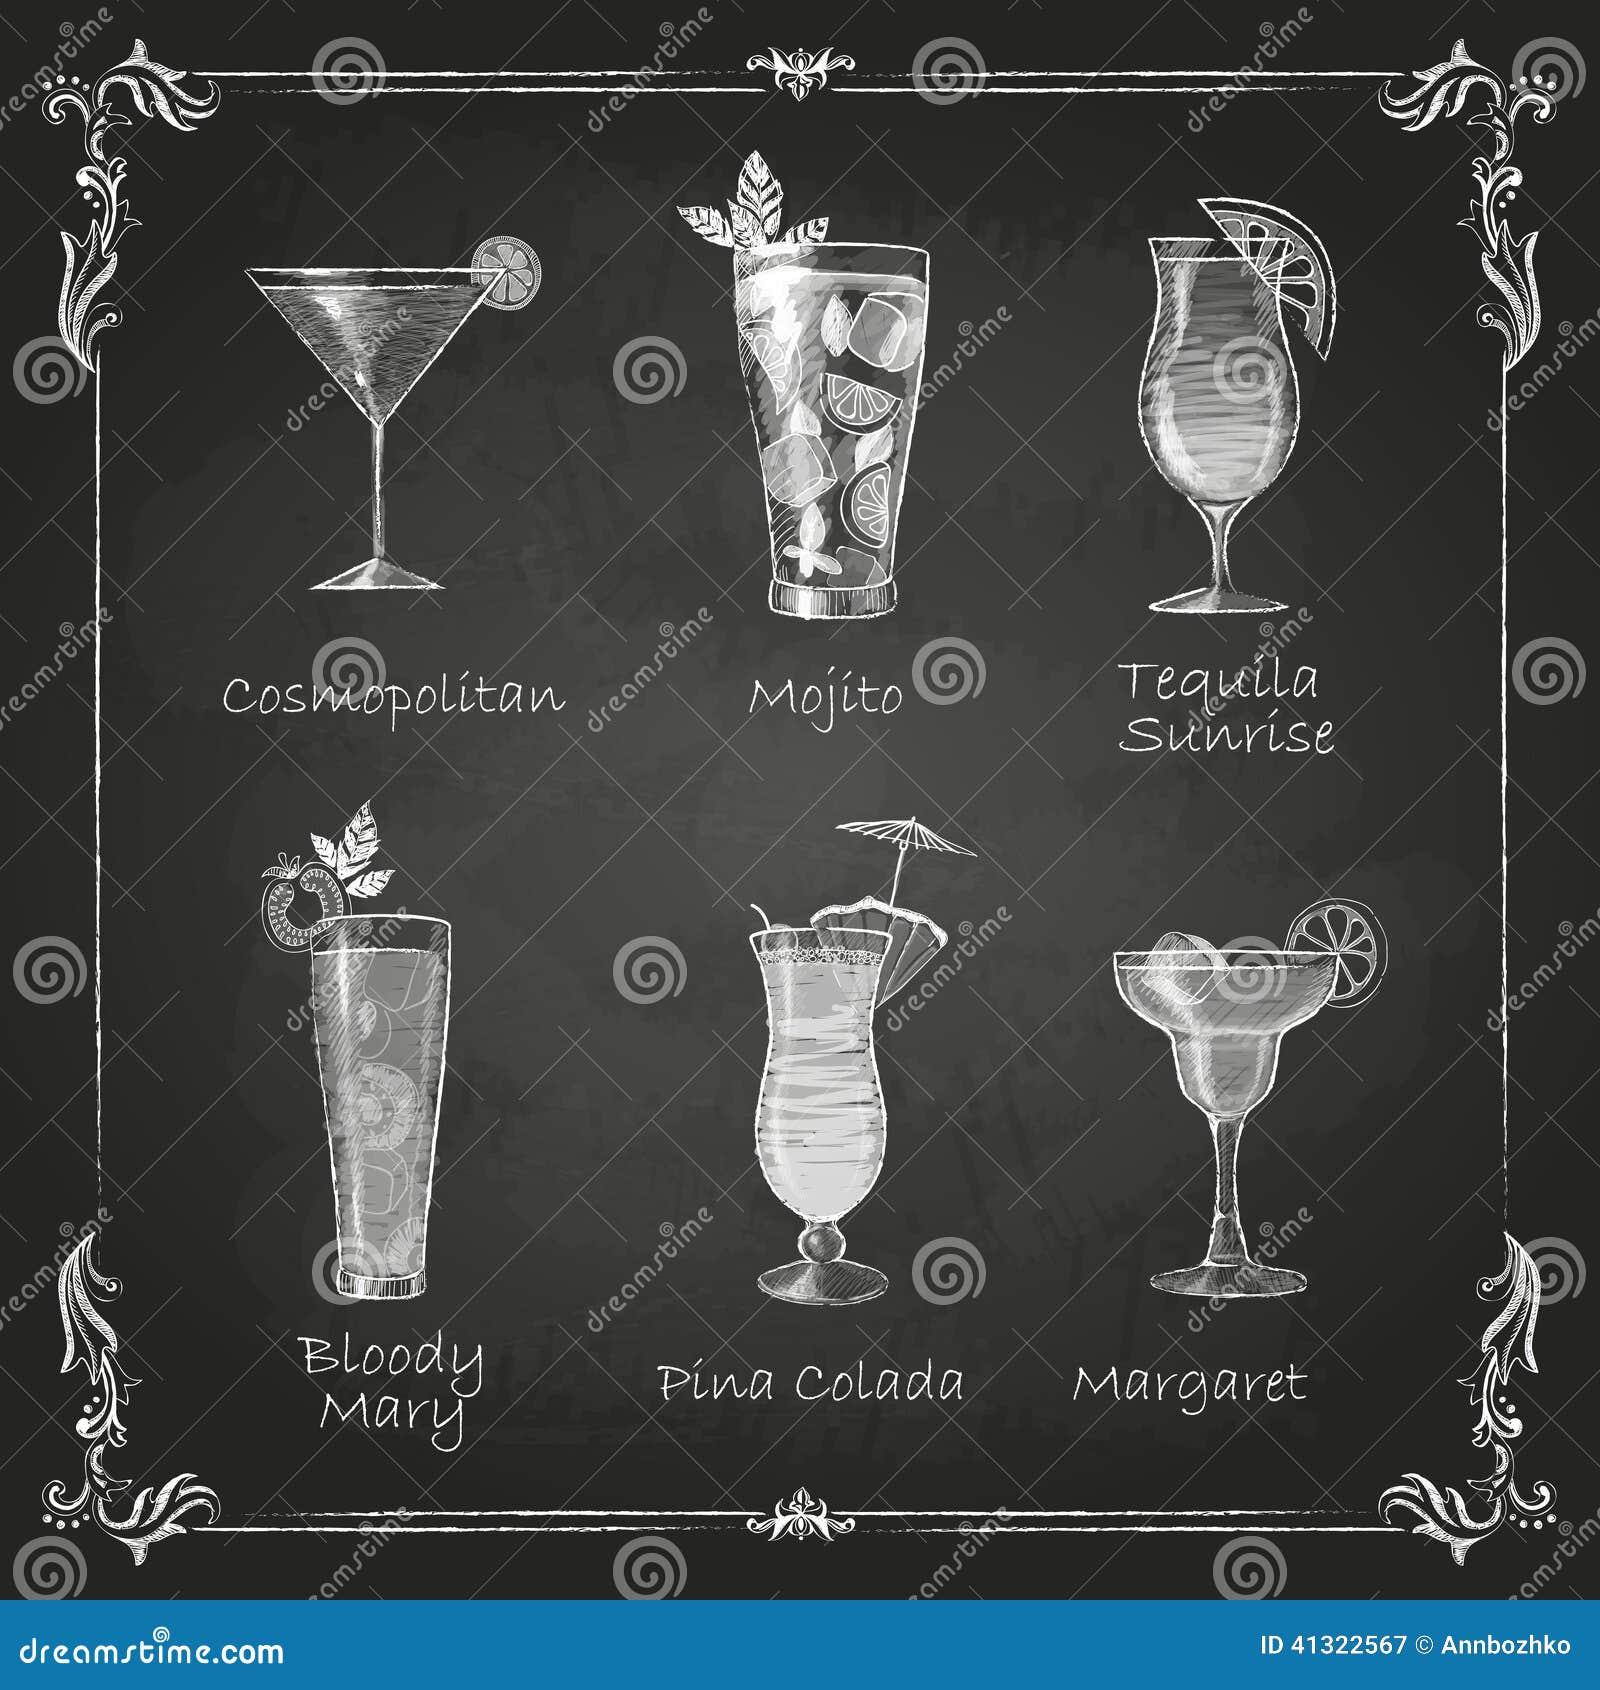 Dessins de craie menu de cocktail